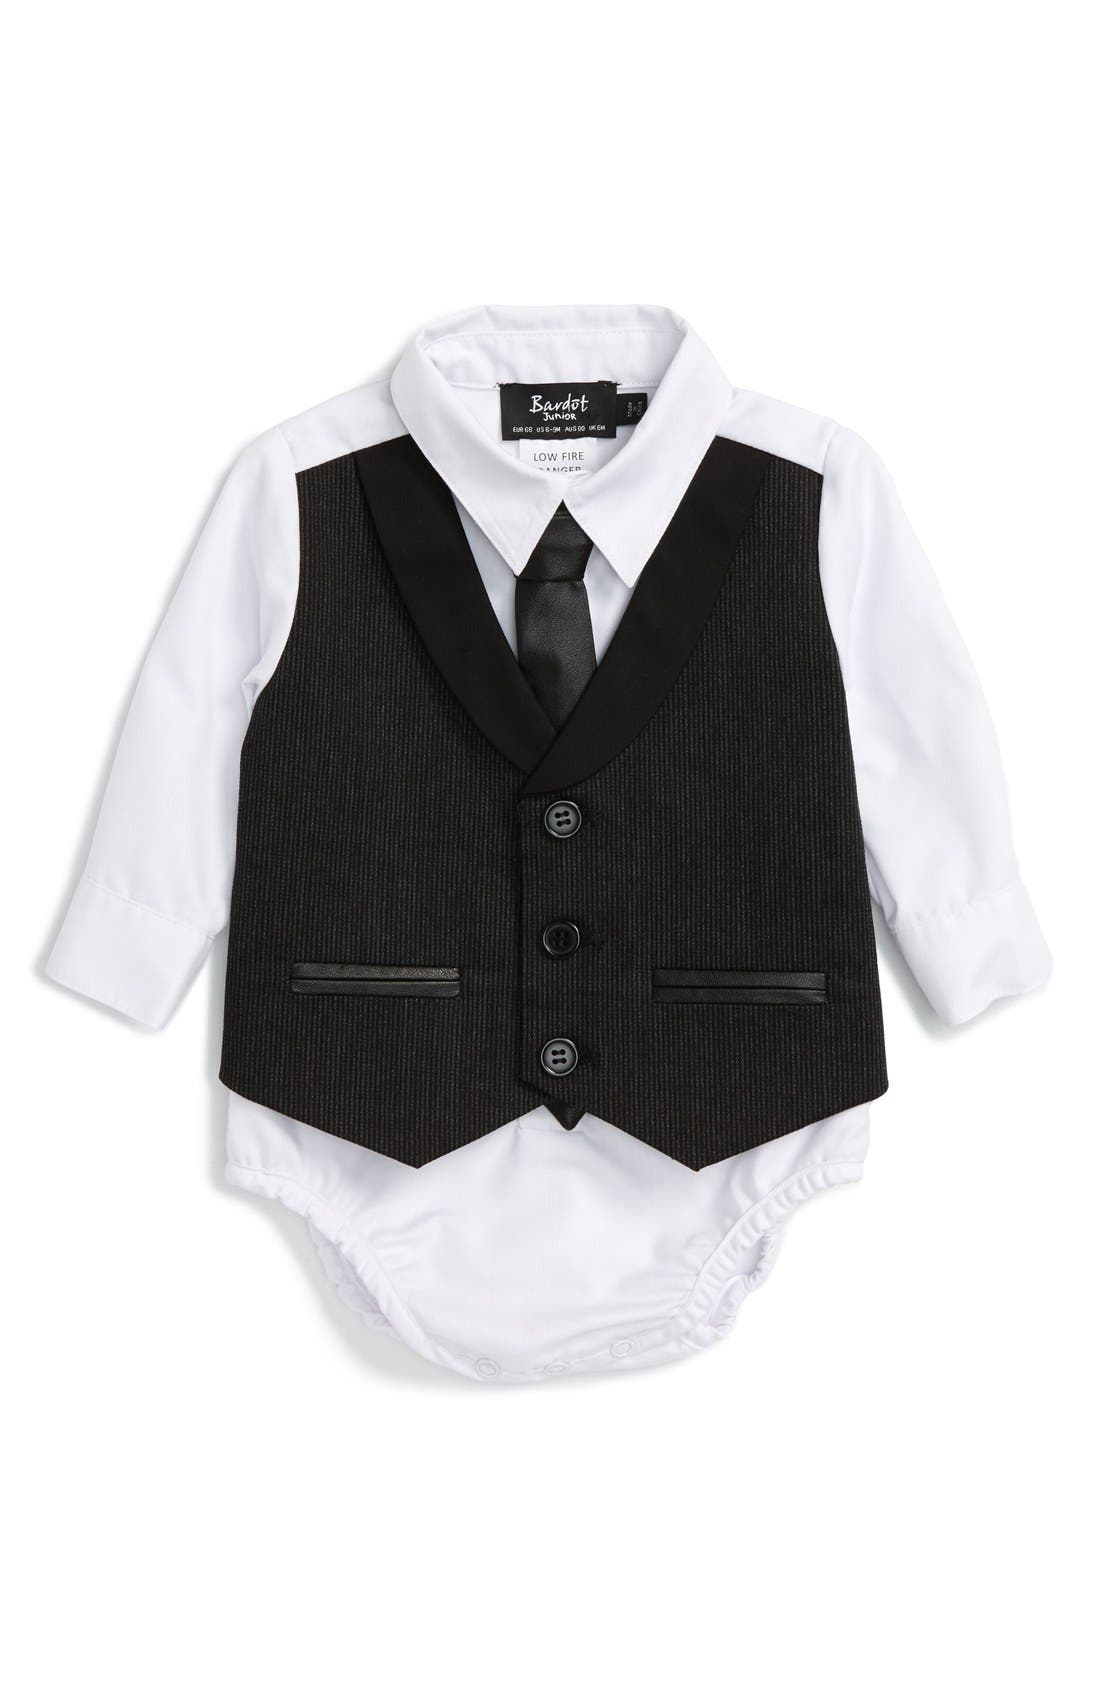 Bardot Junior Dress Shirt Bodysuit Baby Boys